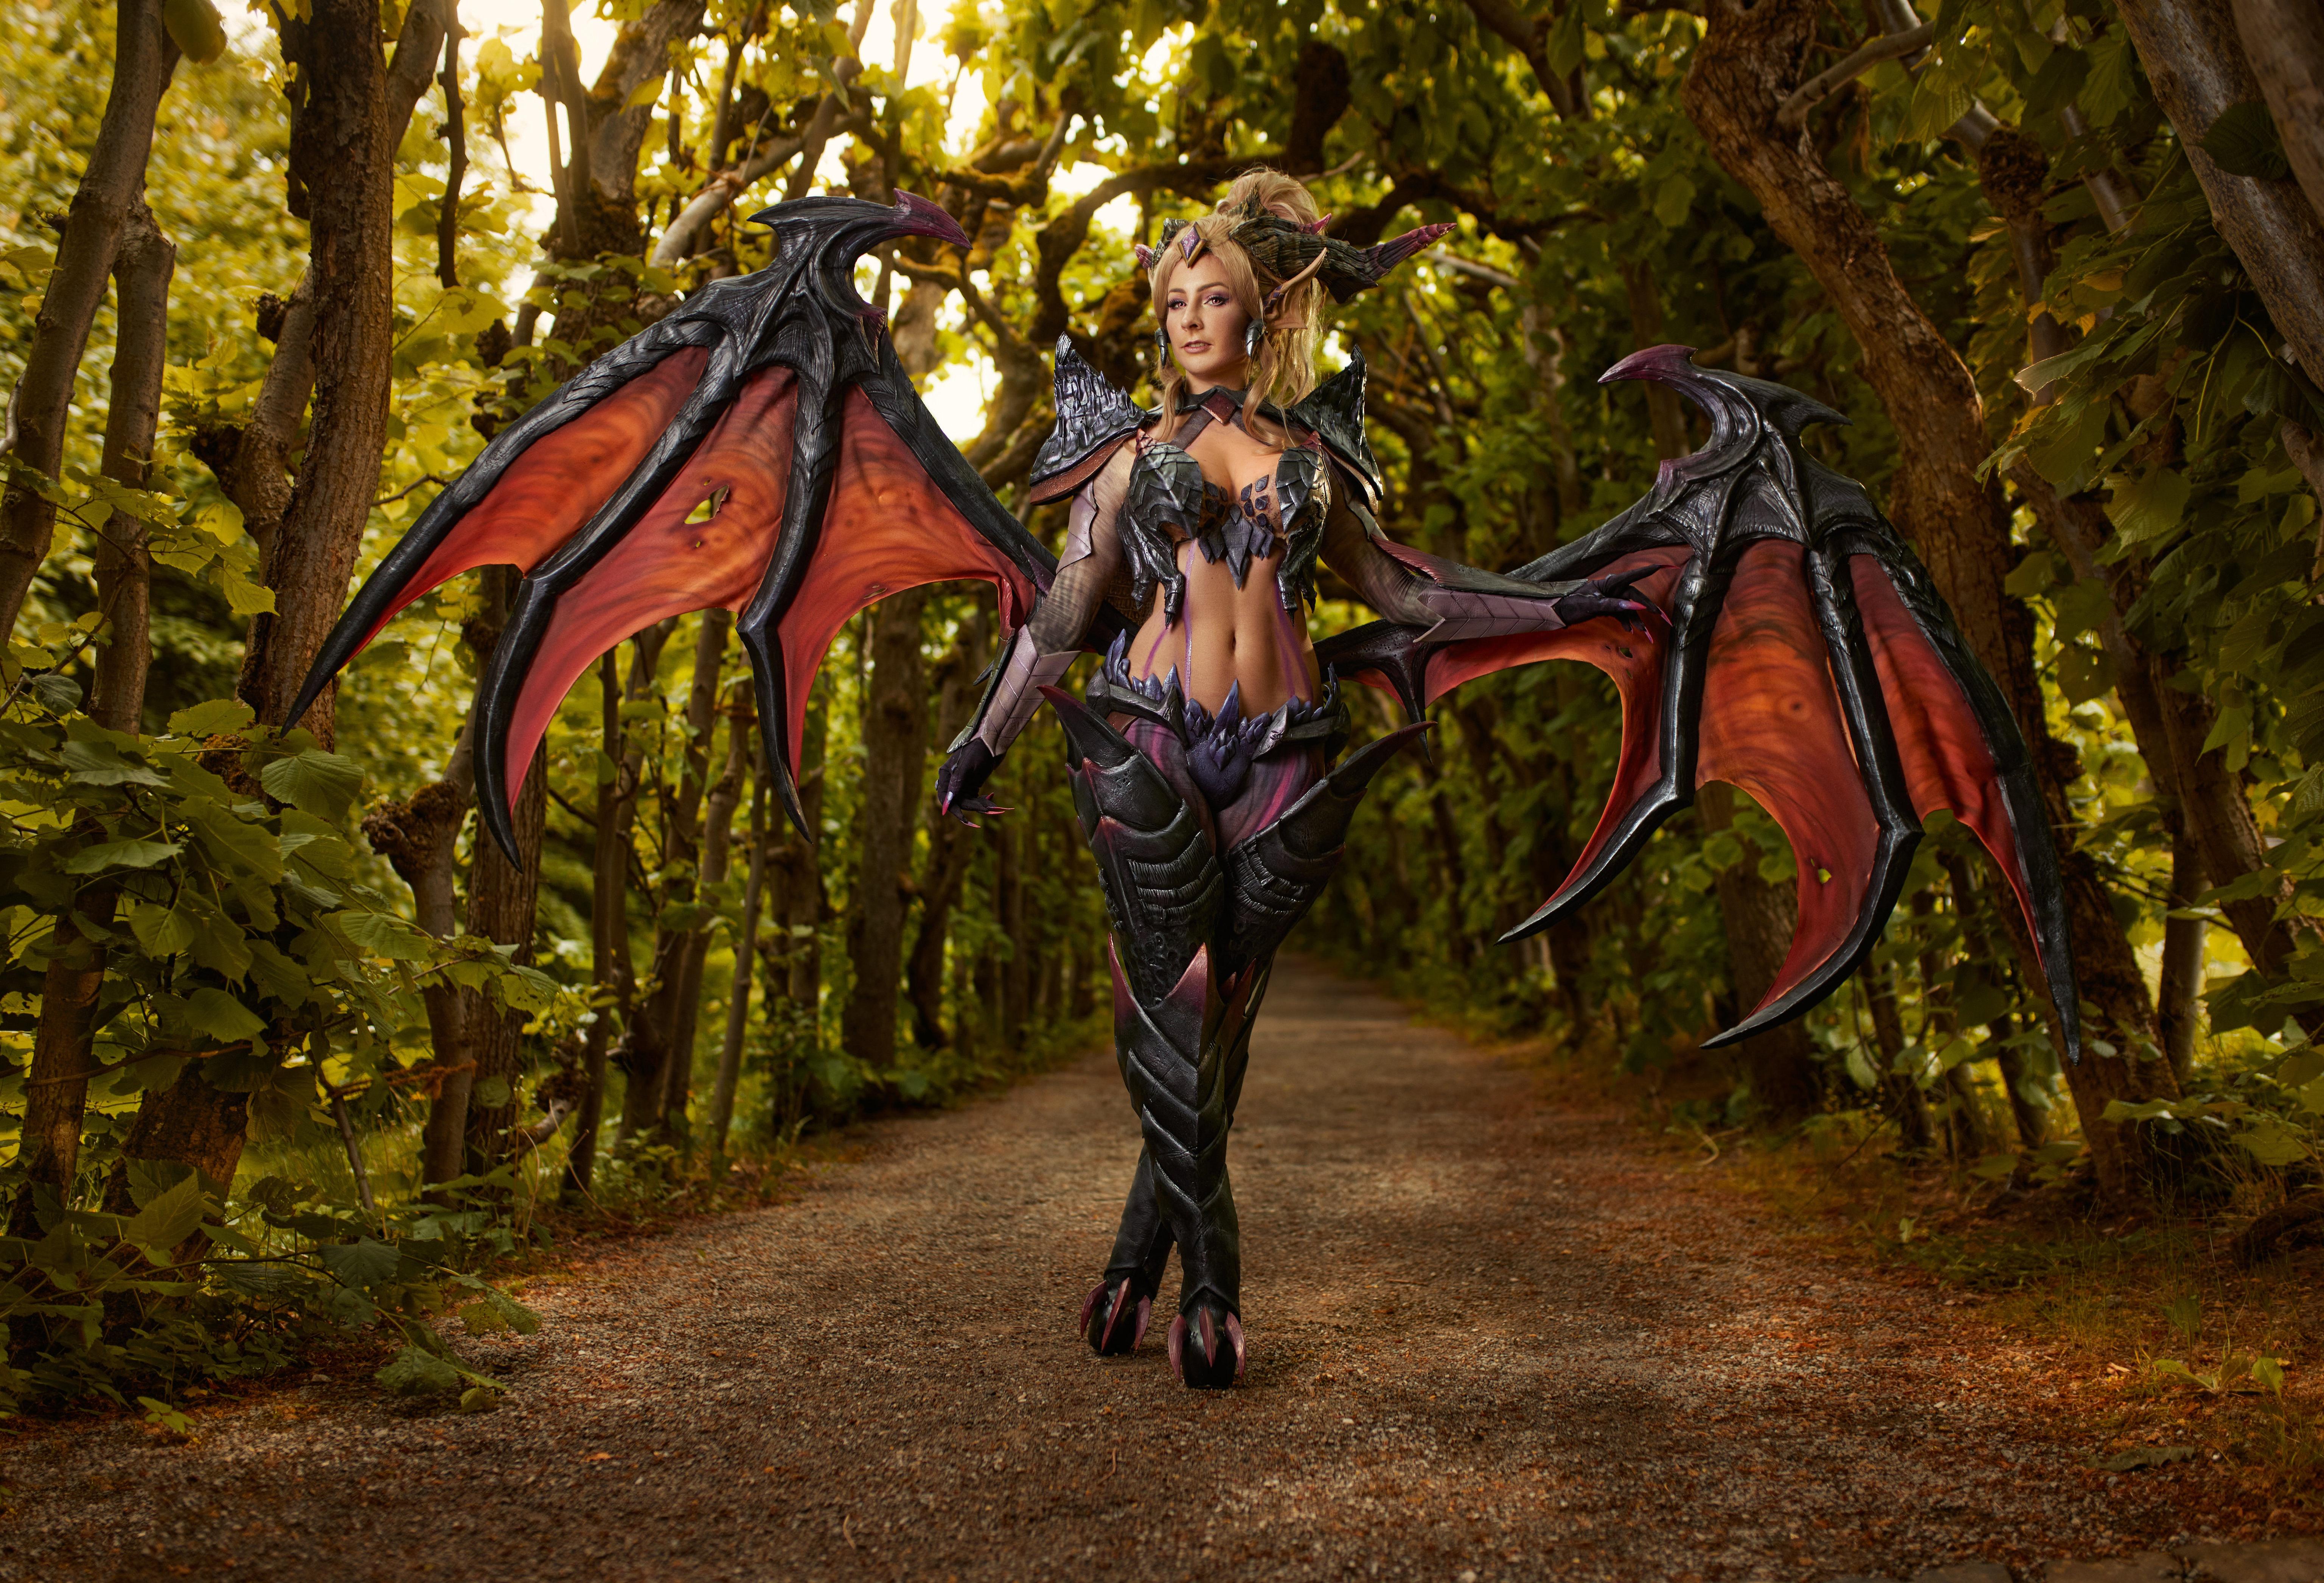 Bilde Unge kvinner League of Legends Mikhail Davydov photographer Cosplay Zyra Vinger 6144x4185 ung kvinne